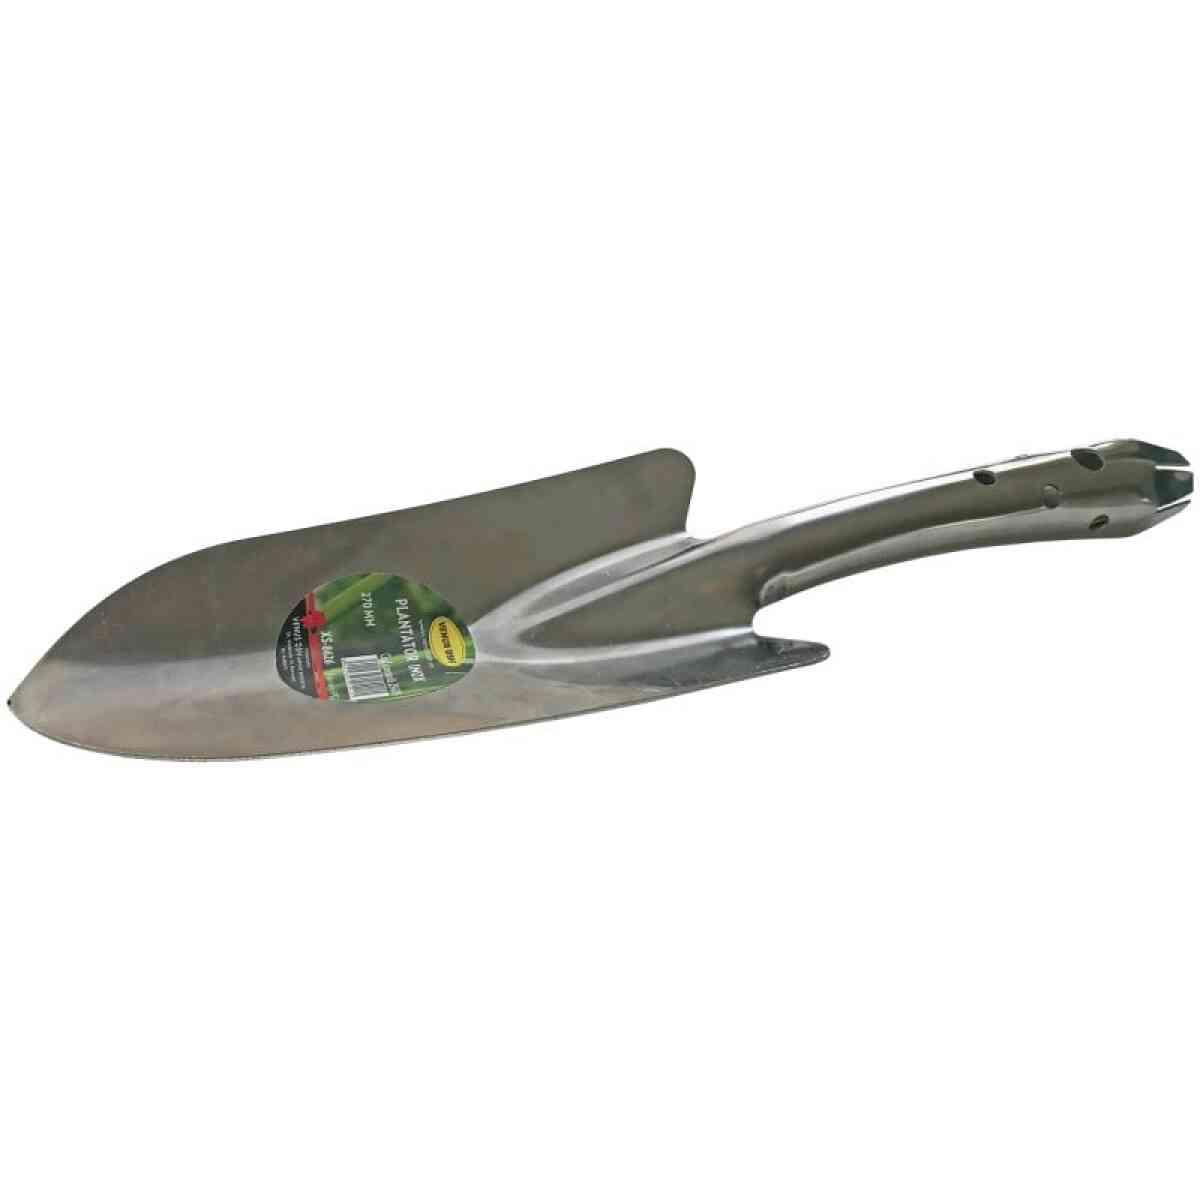 plantator inox xs 8626 270 mm padure gardina.ro 9